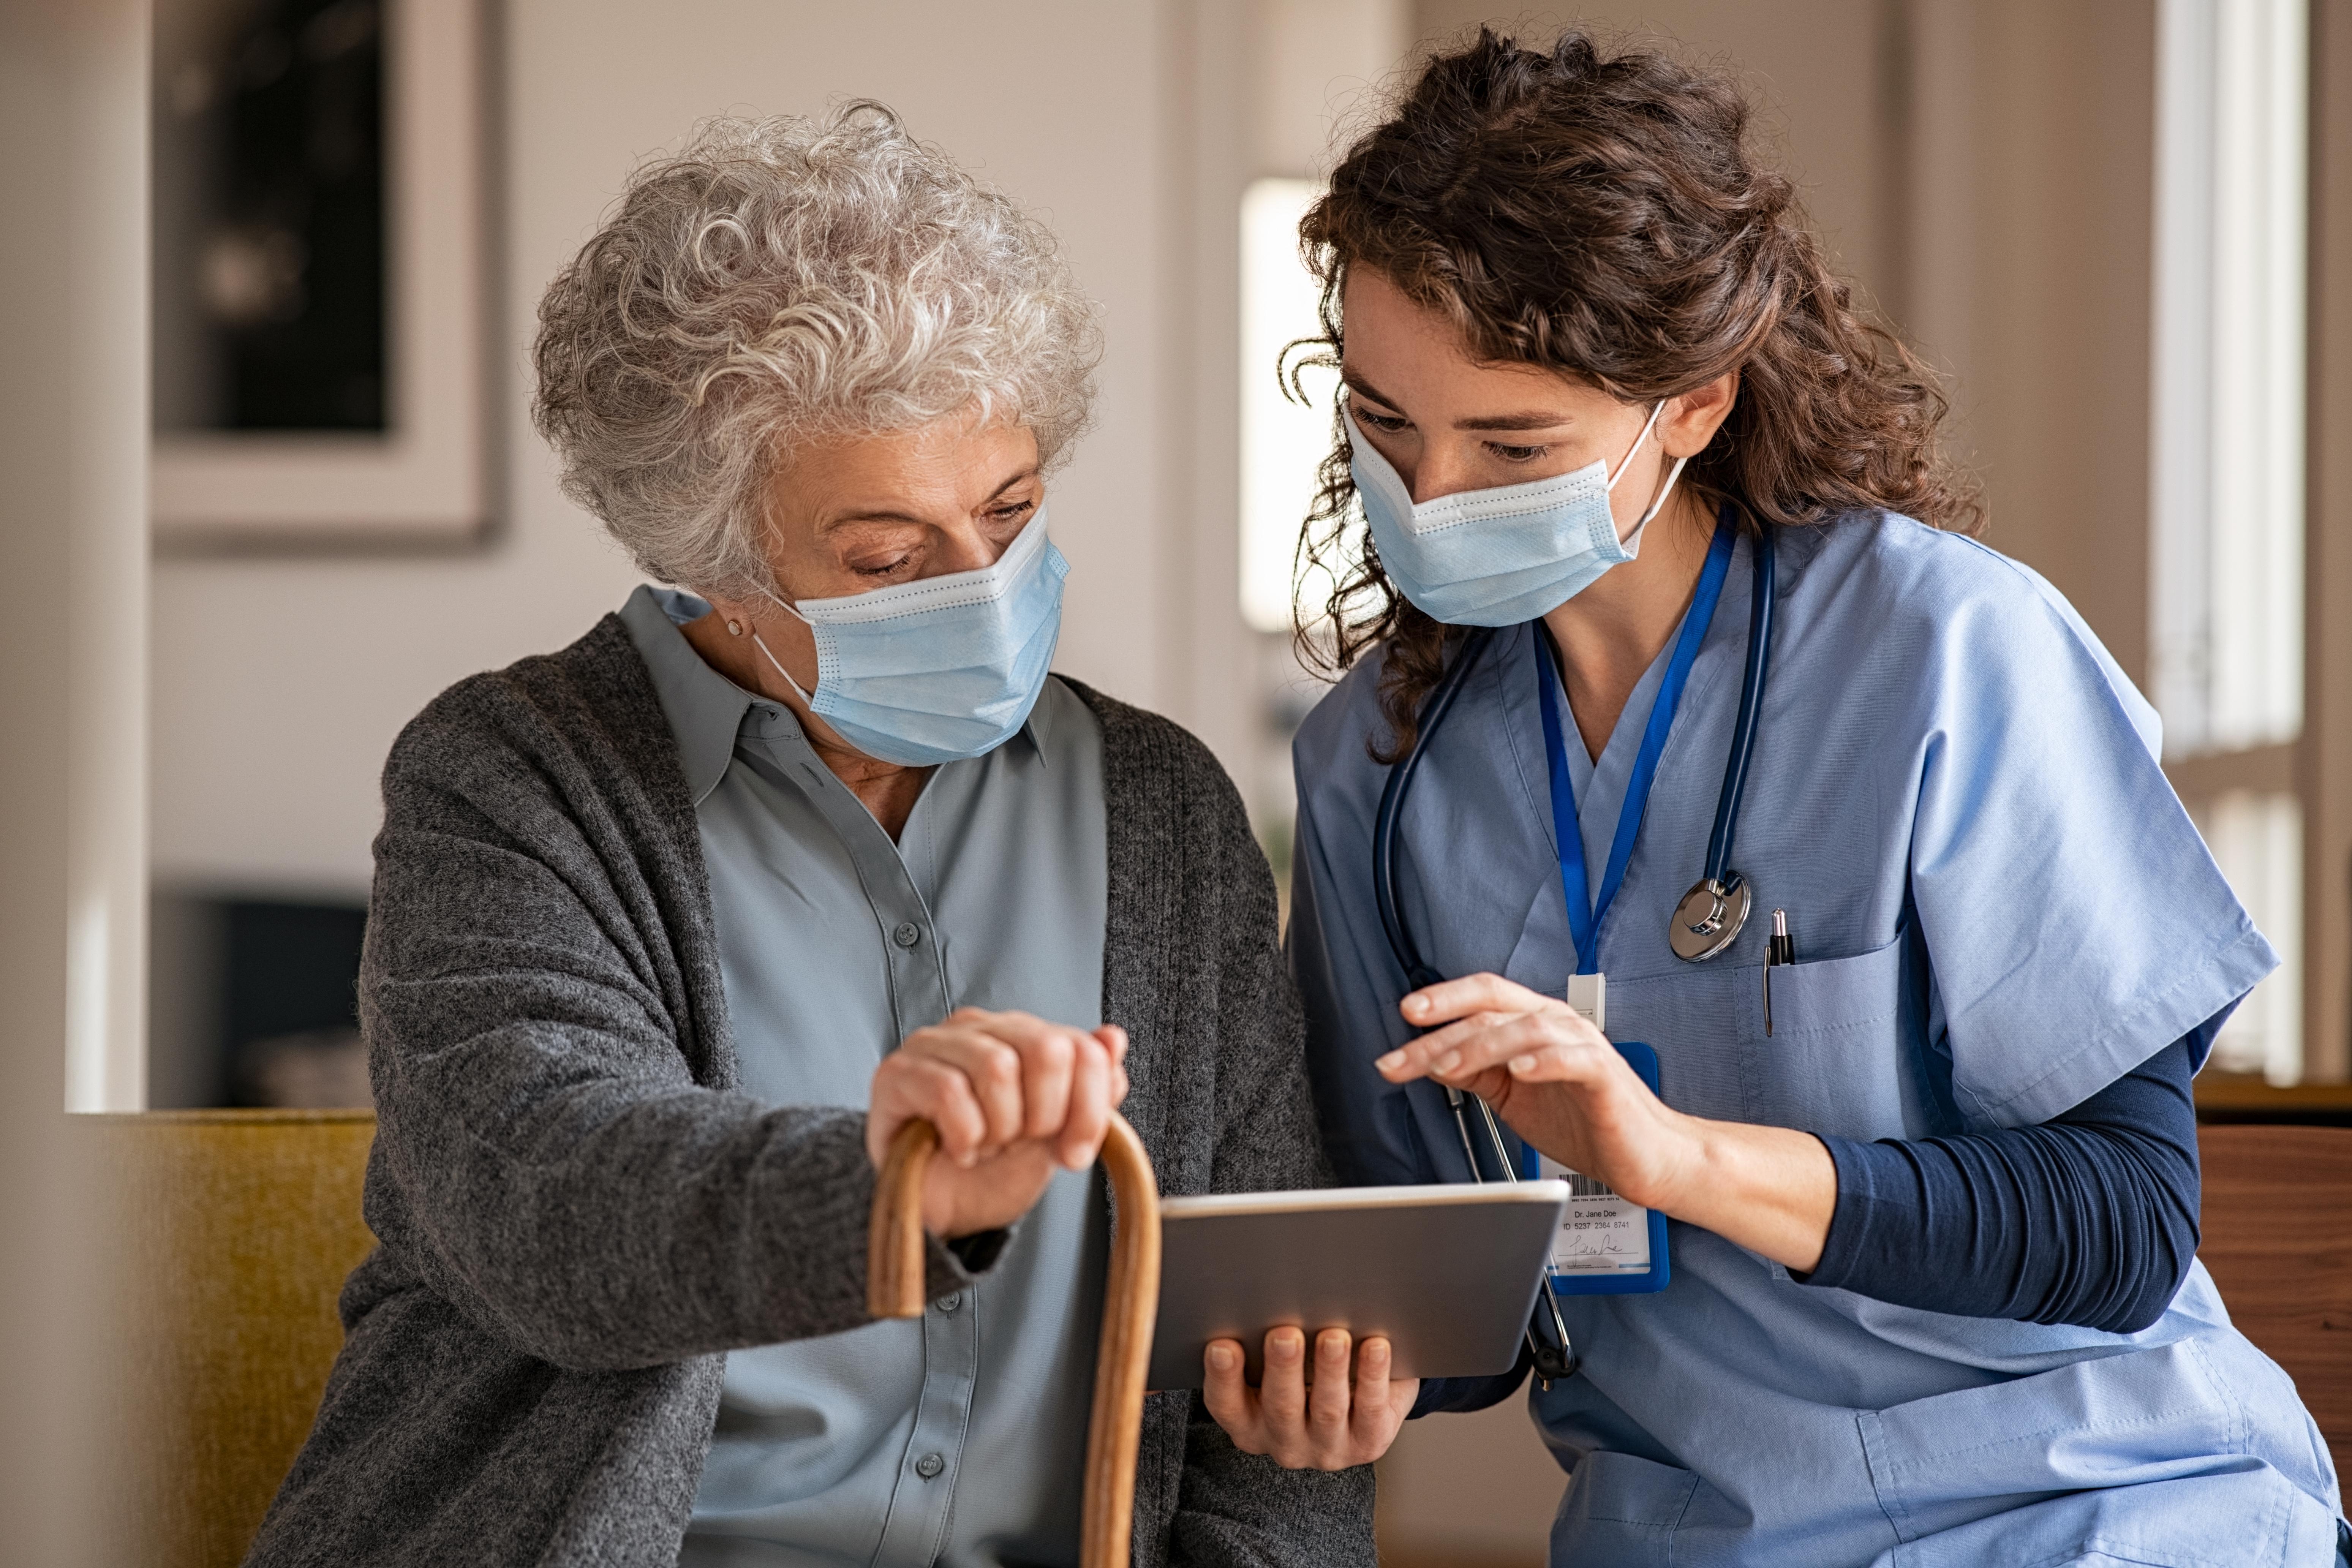 Comment placer le patient au cœur du système de santé avec le Dossier Médical Partagé (DMP)